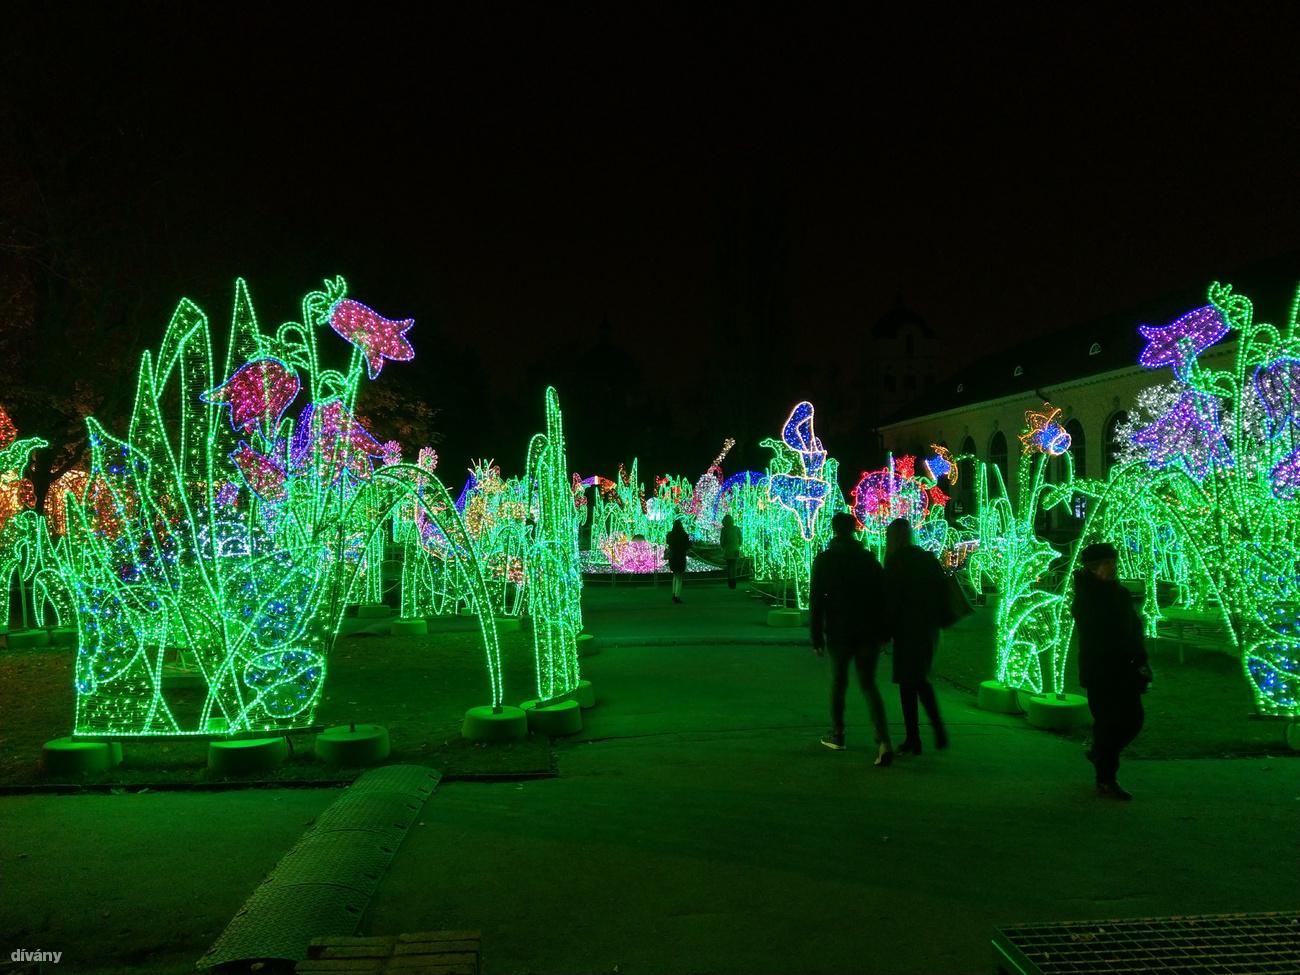 Dívány - Offline - Karácsonyi fények a világ körül  galéria! 8df8a62ed9